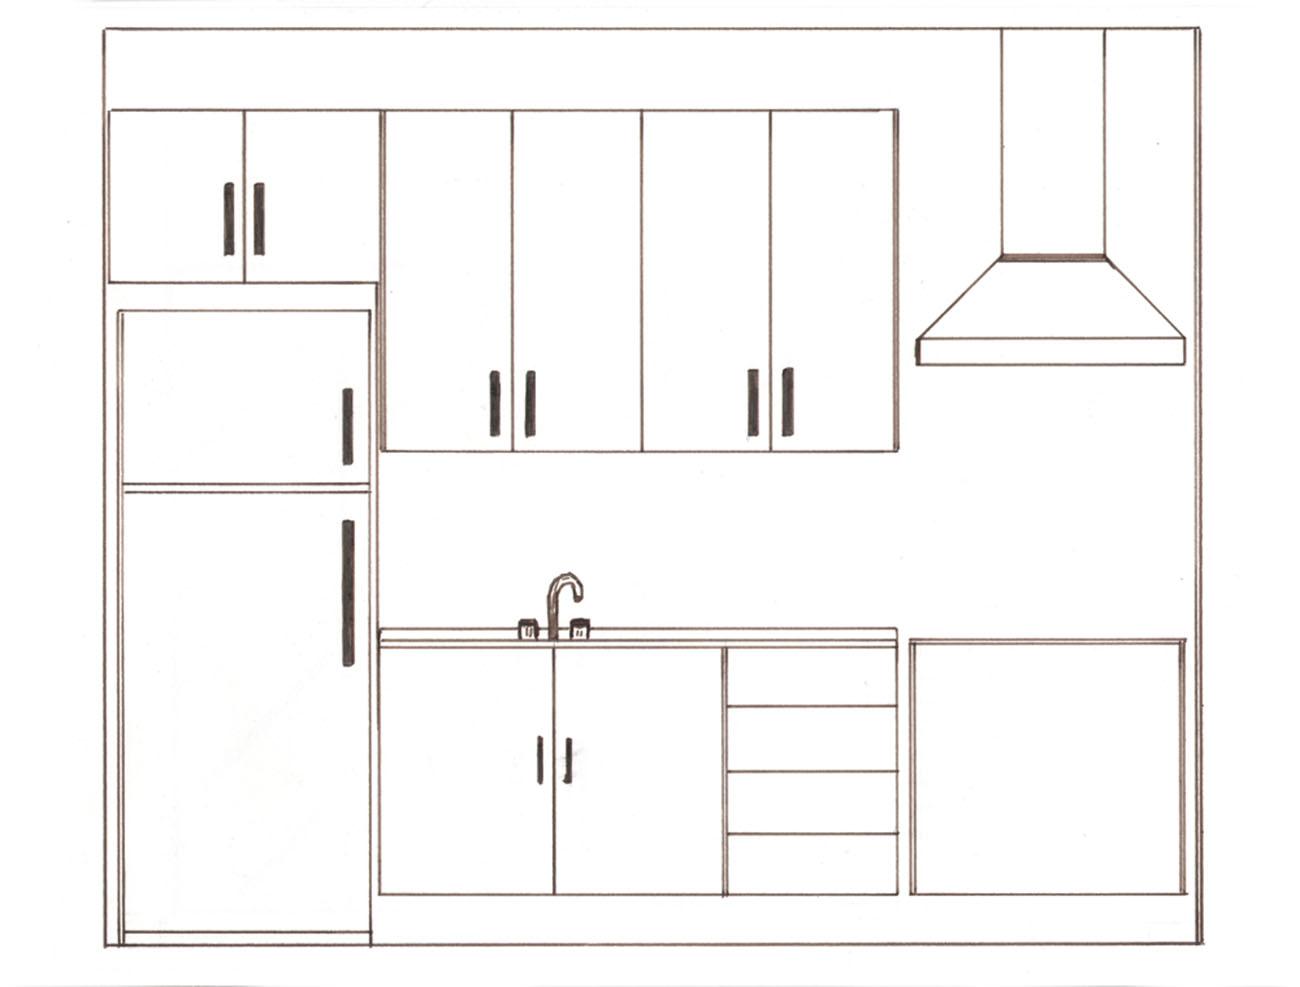 #433934  Projetos de Interiores e Maquetes 3D: Desenho de elevação da cozinha 1300x987 px Desenhos De Projetos De Cozinhas Planejadas_3369 Imagens